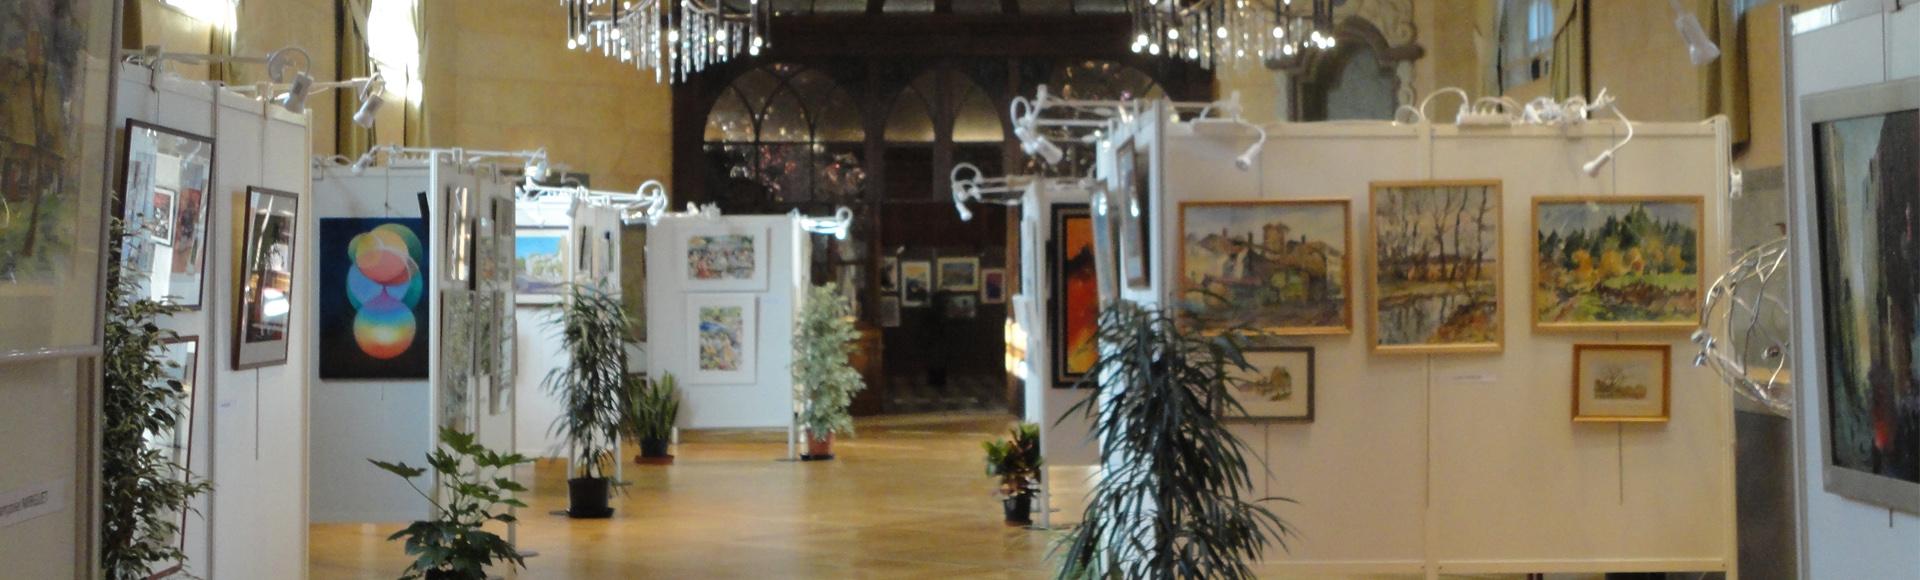 Exposition salles des Echevins